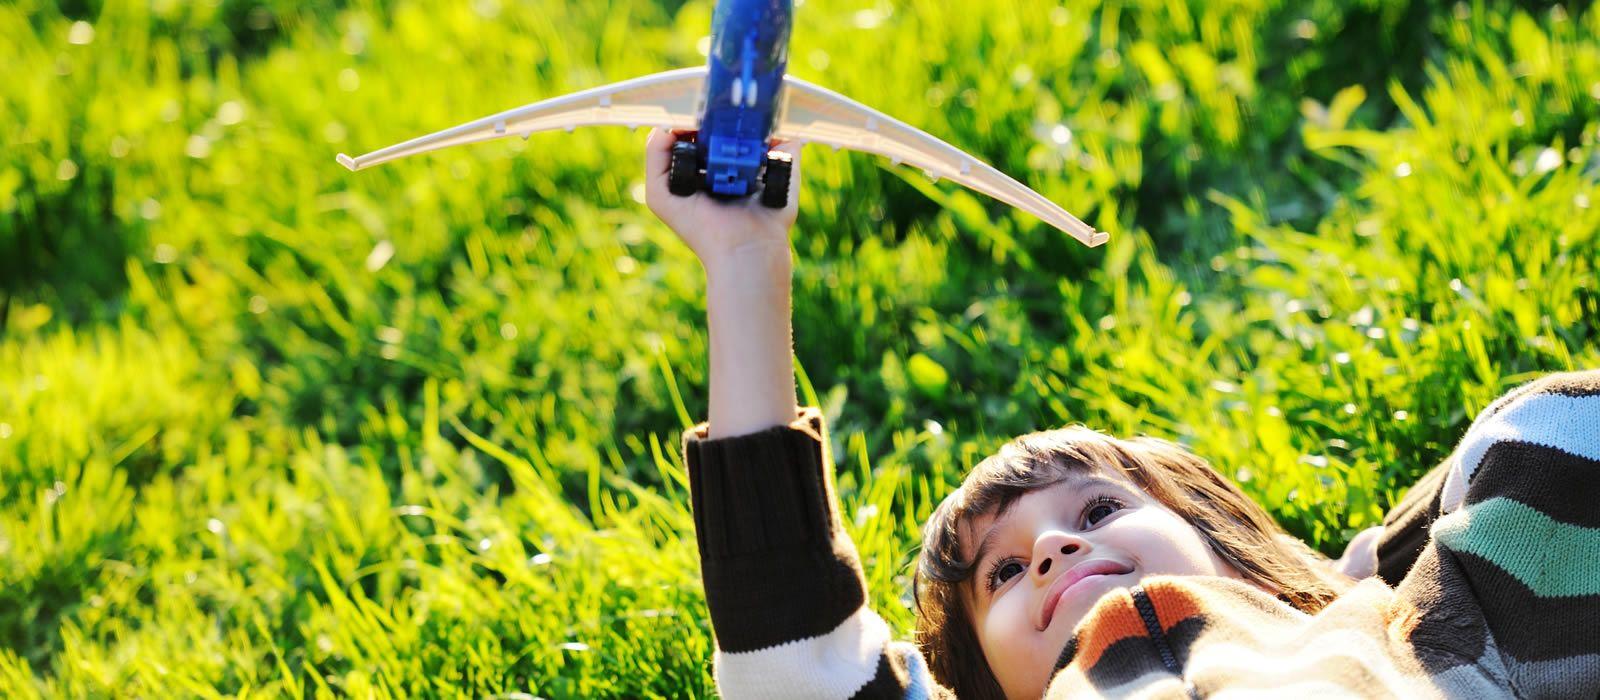 Alergia al polen en niños: síntomas, tratamientos y cómo evitar su exposición